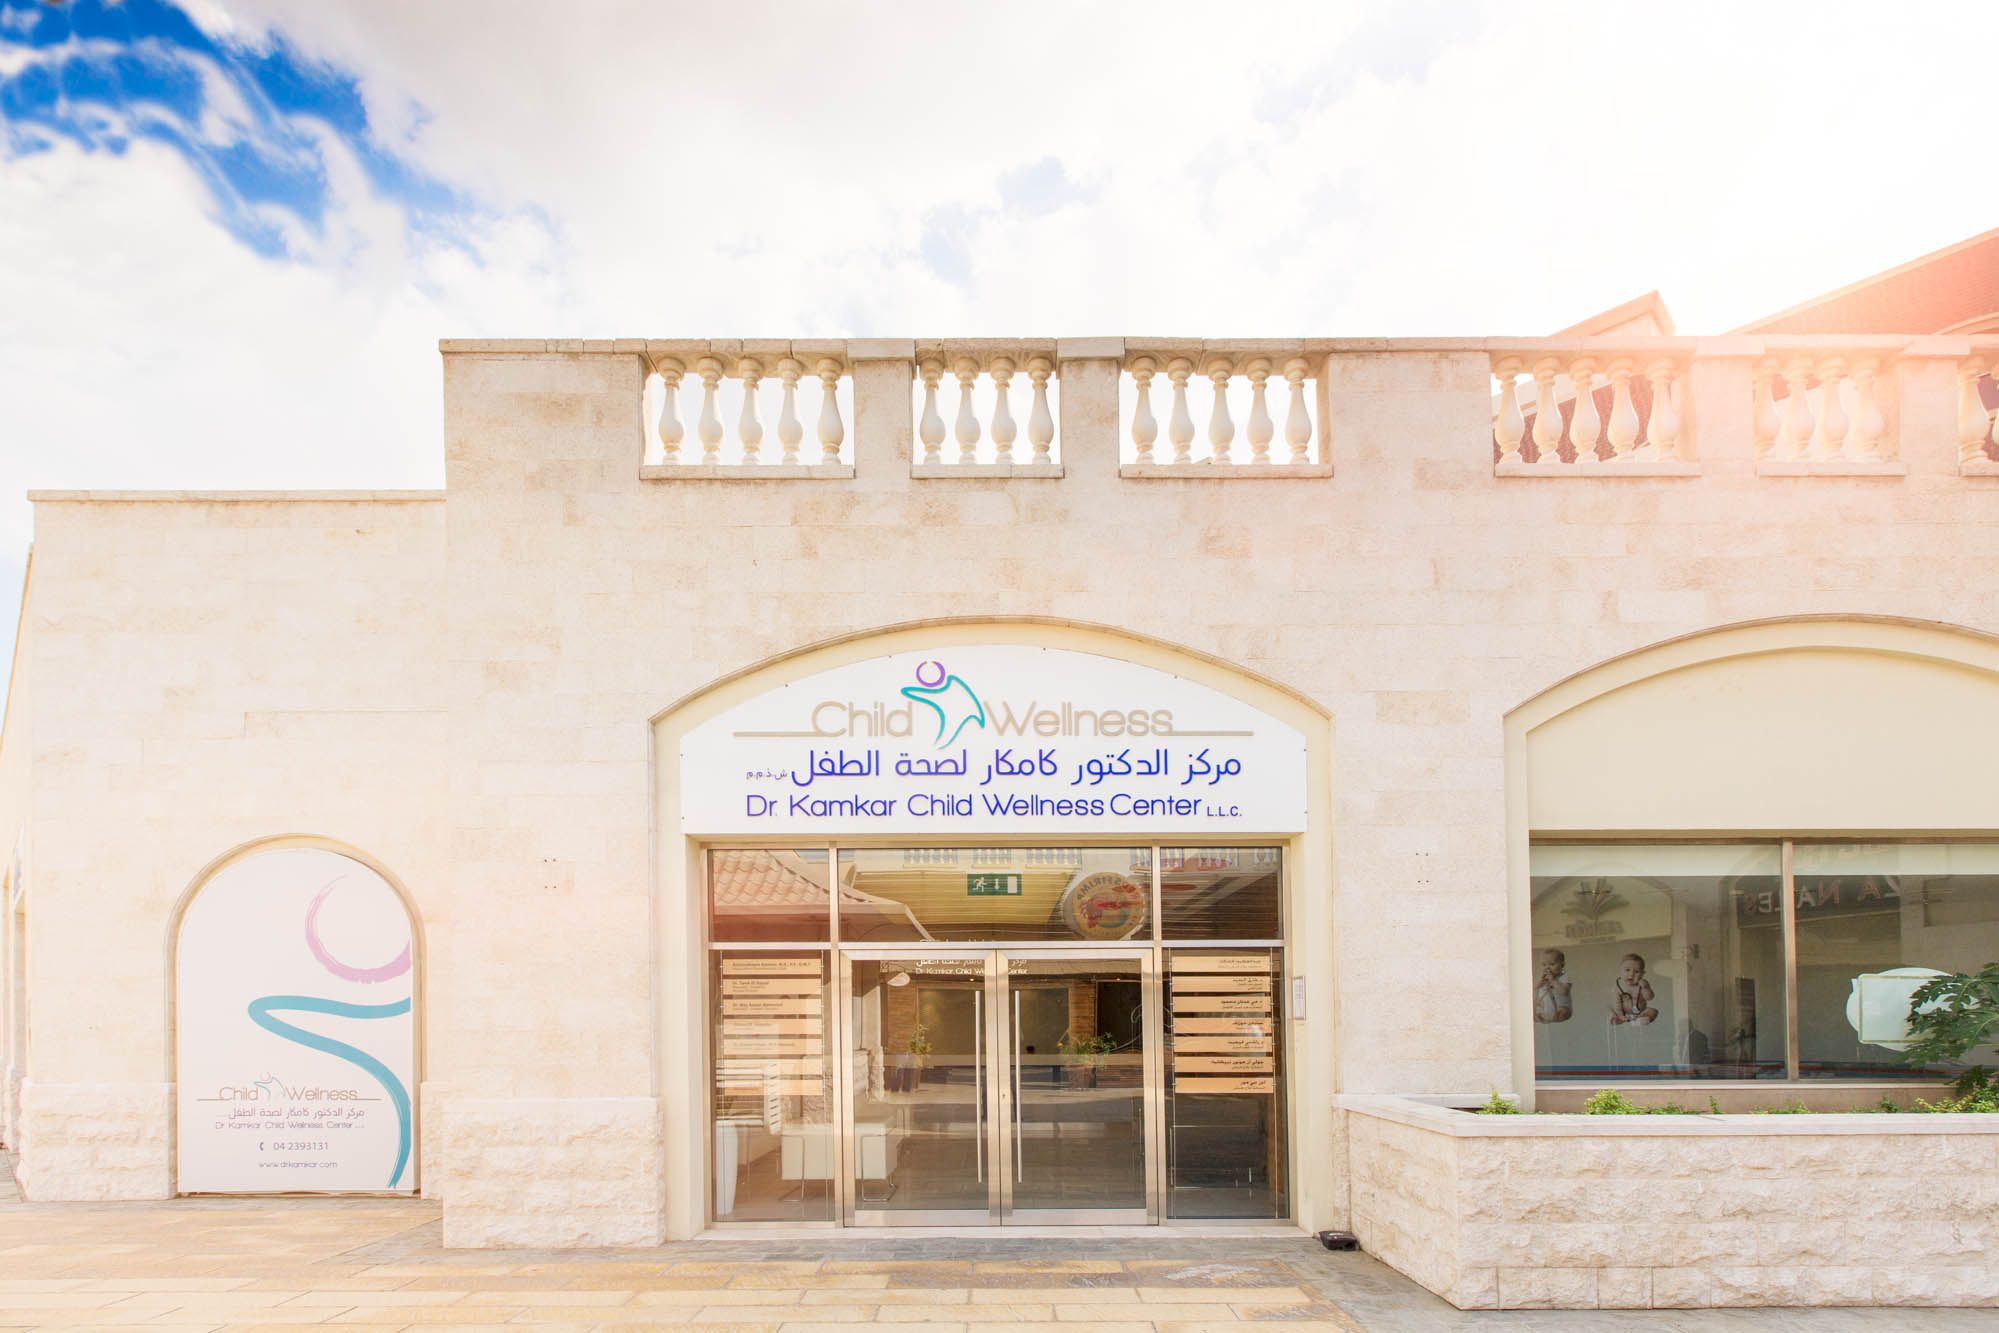 Dr. Kamkar Child Wellness Center -Uptown Mirdif